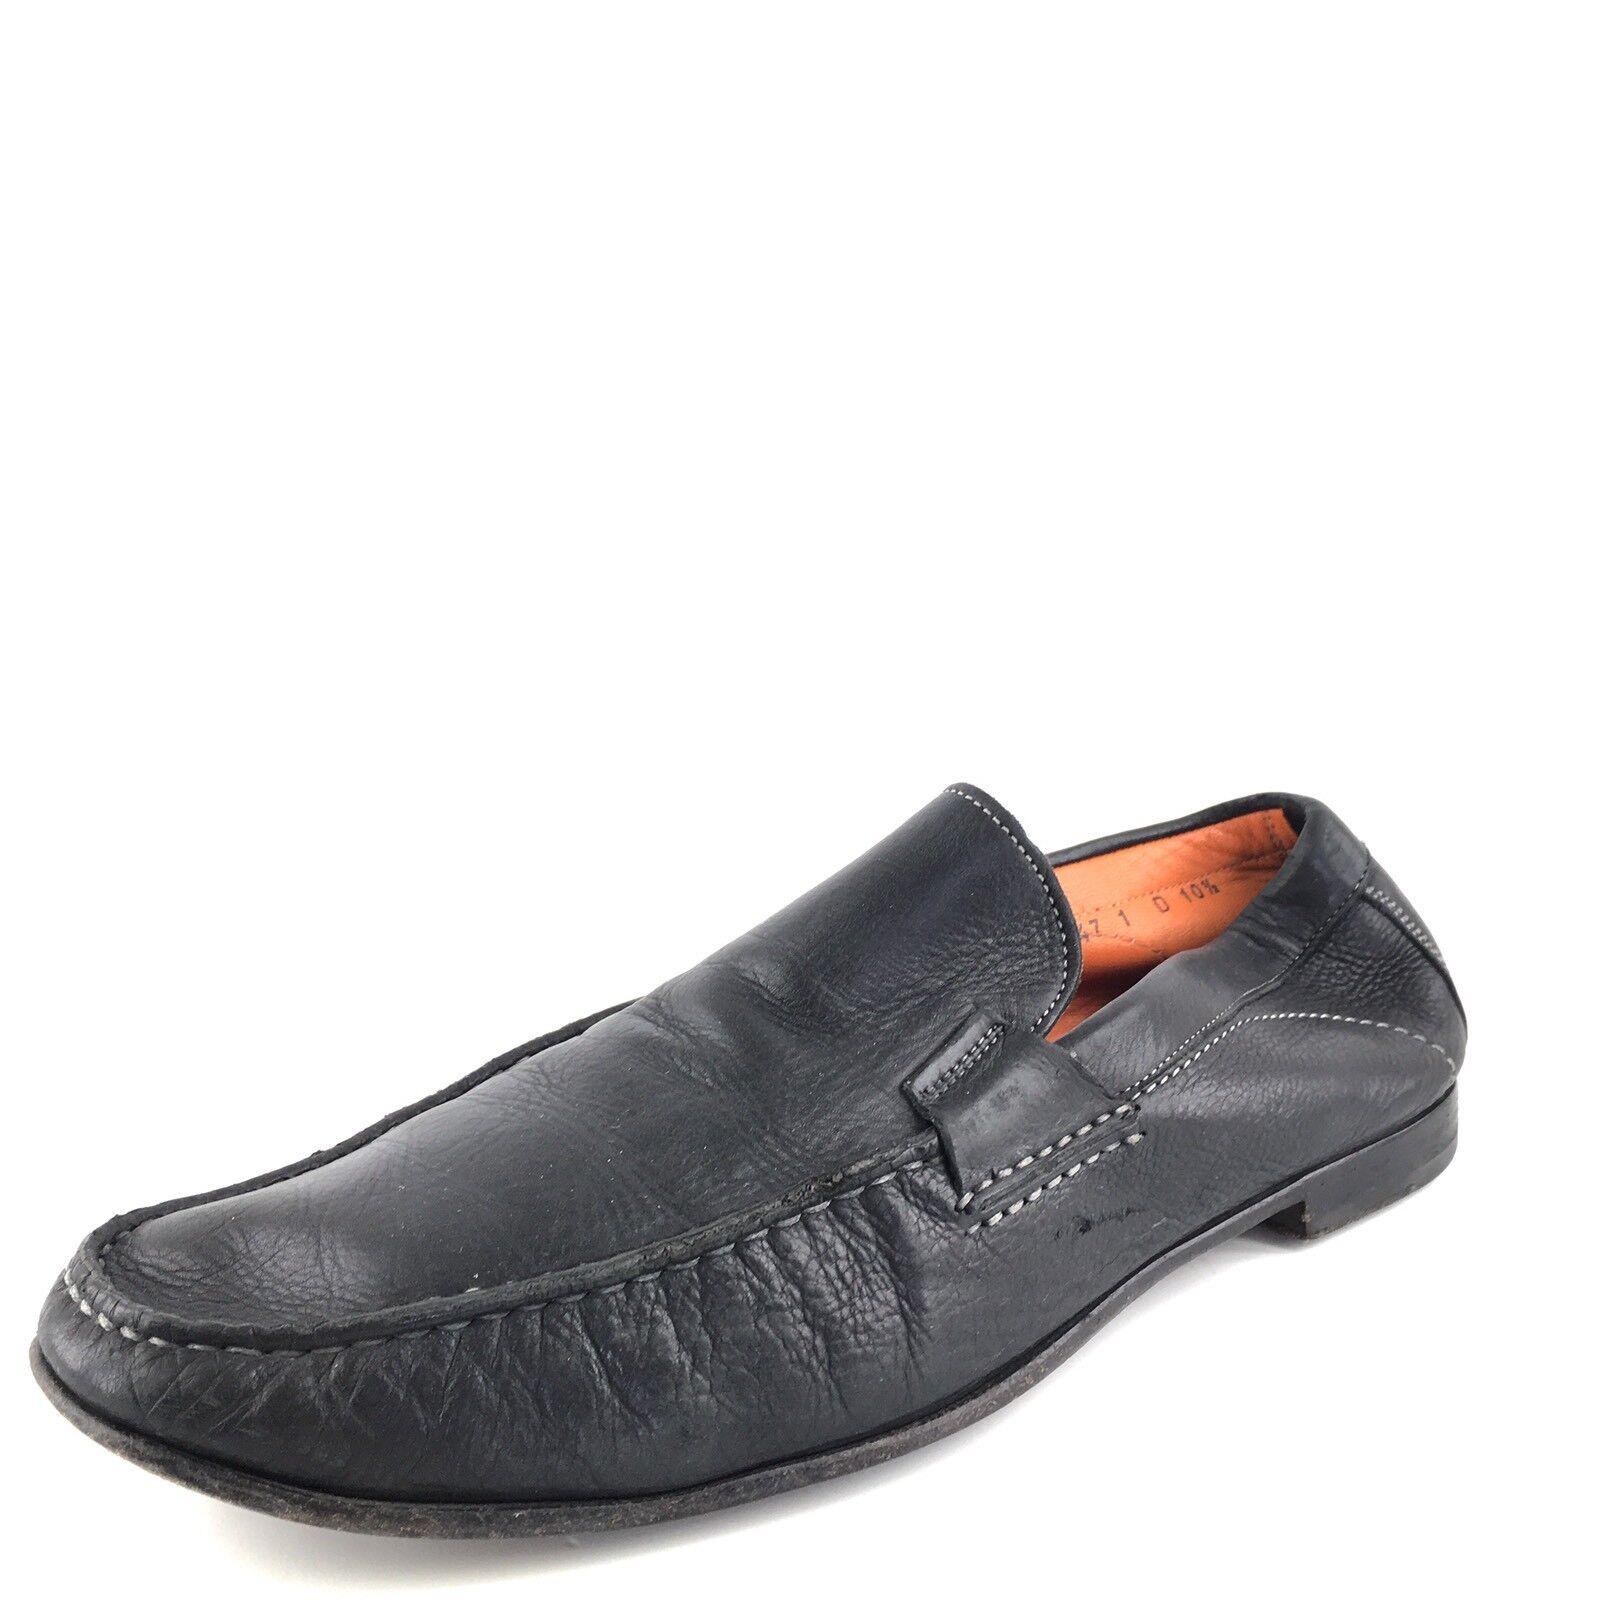 100% di contro garanzia genuina Santoni Lazzaro Lazzaro Lazzaro nero Leather Formal Slip On Loafers Uomo Dimensione 10.5 M  555  acquista la qualità autentica al 100%